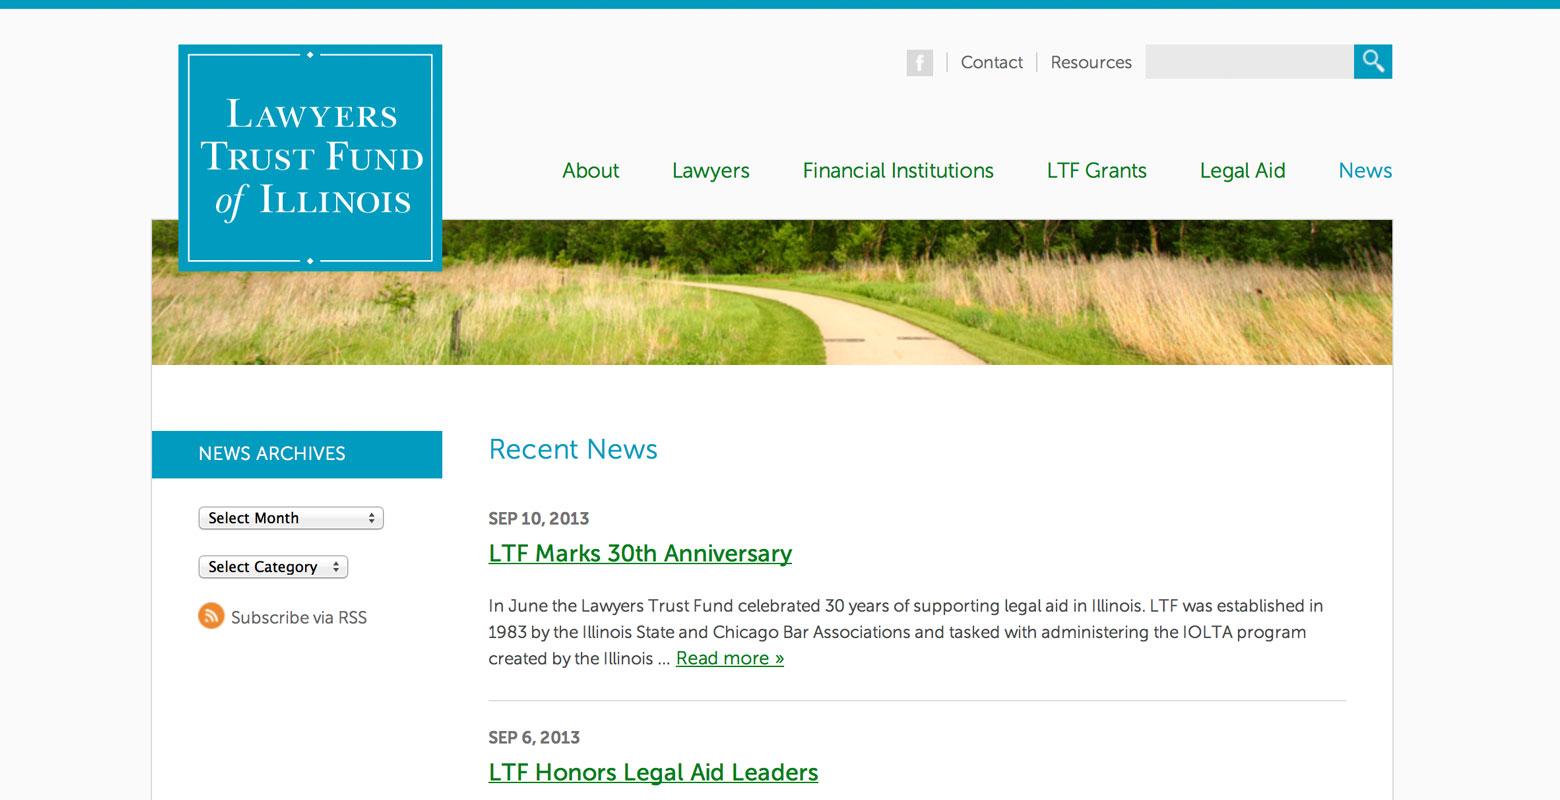 Lawyers Trust Fund